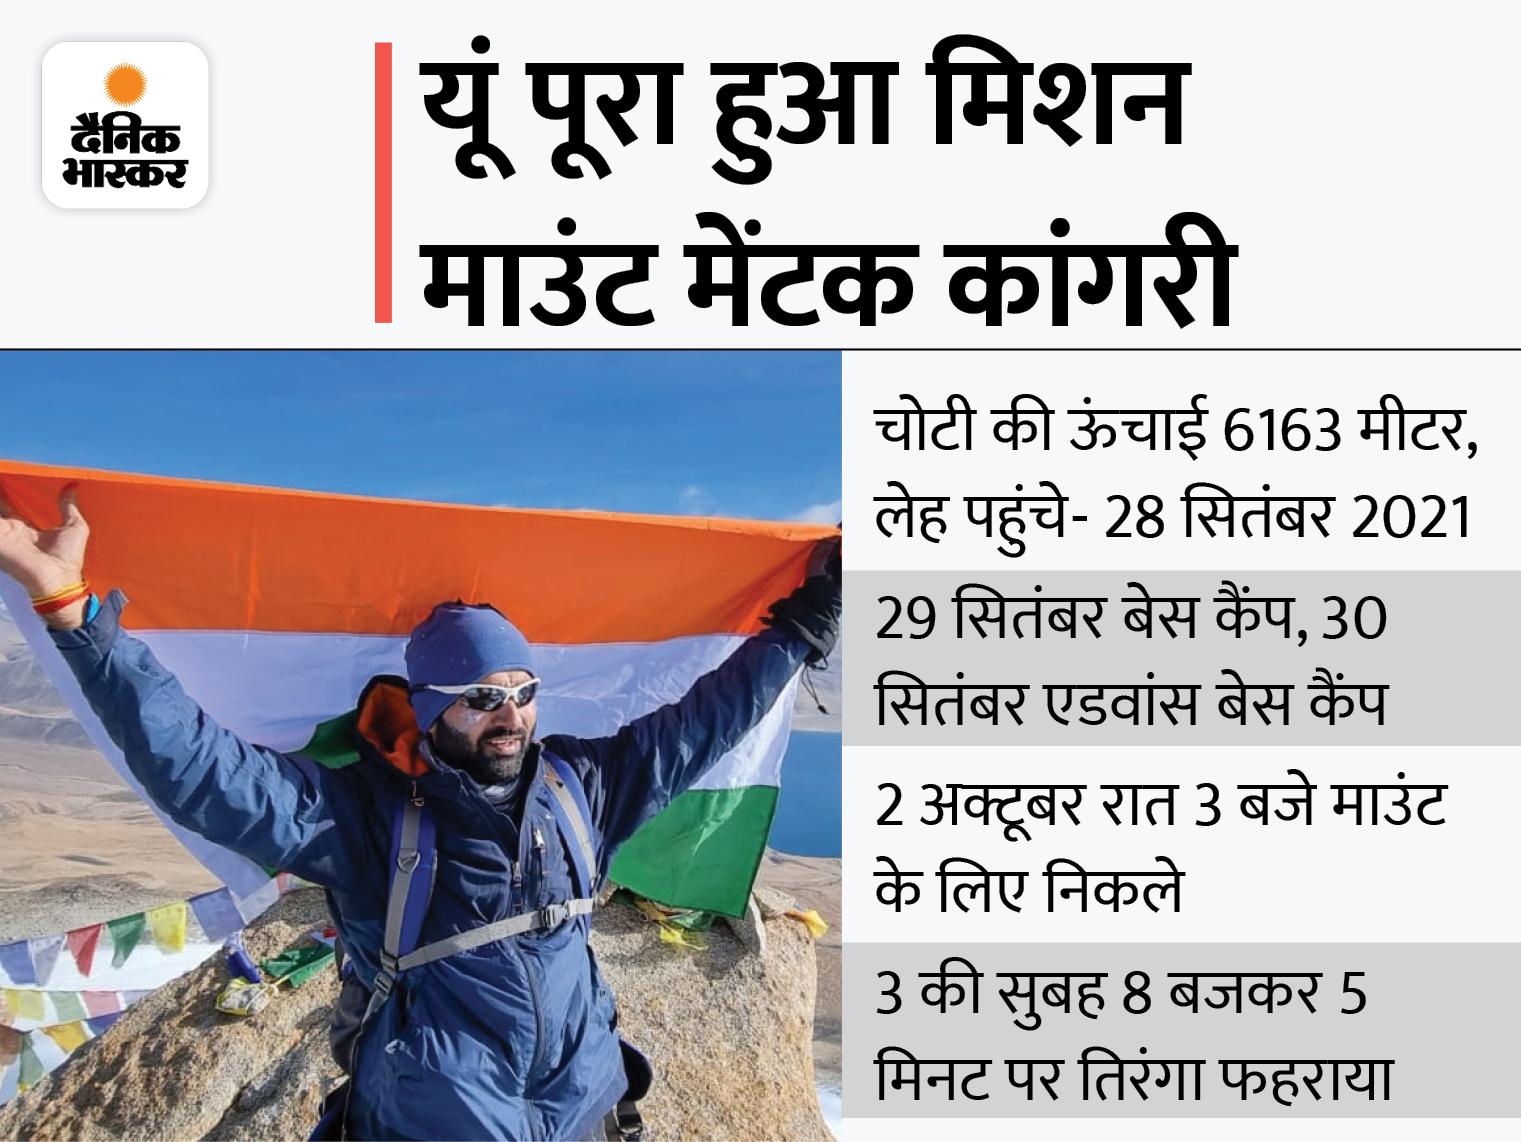 लेह लद्दाख में 6163 मीटर की ऊंचाई पर सचिन कुमार ने फहराया तिंरगा; बोले- सुनने में जितना रोचक, वास्तव में उतना ही खतरनाक चंडीगढ़,Chandigarh - Dainik Bhaskar